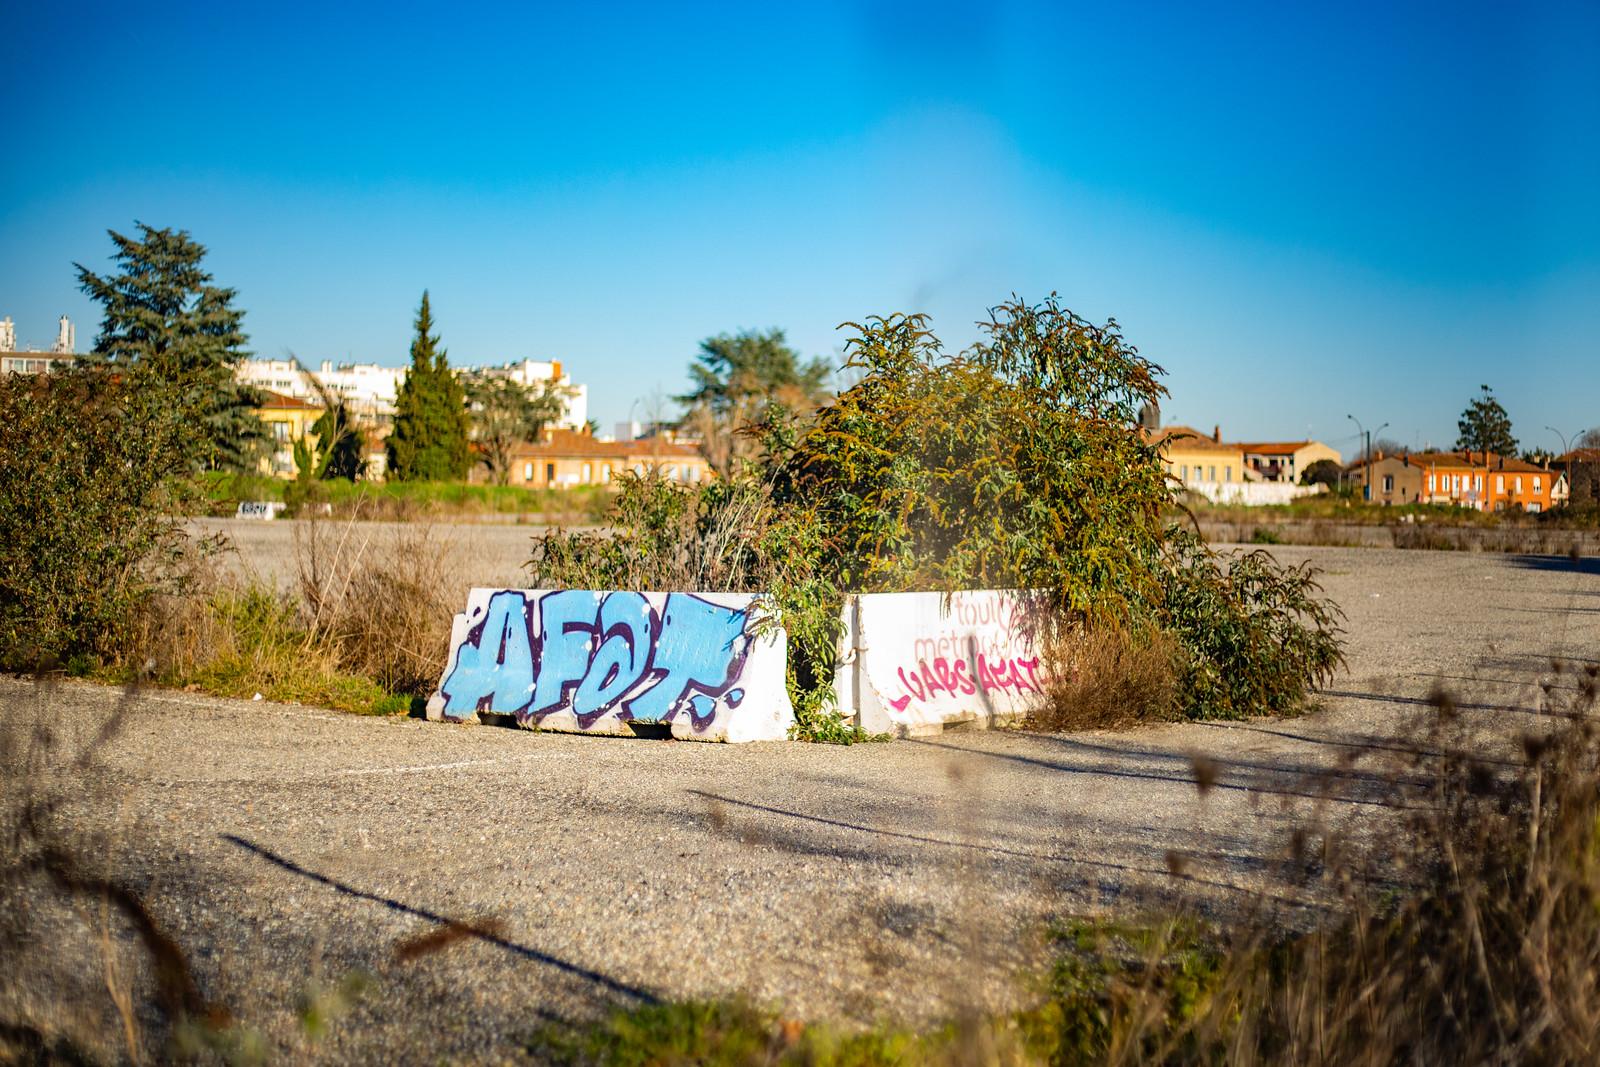 GRAFFIT ART ARTIST